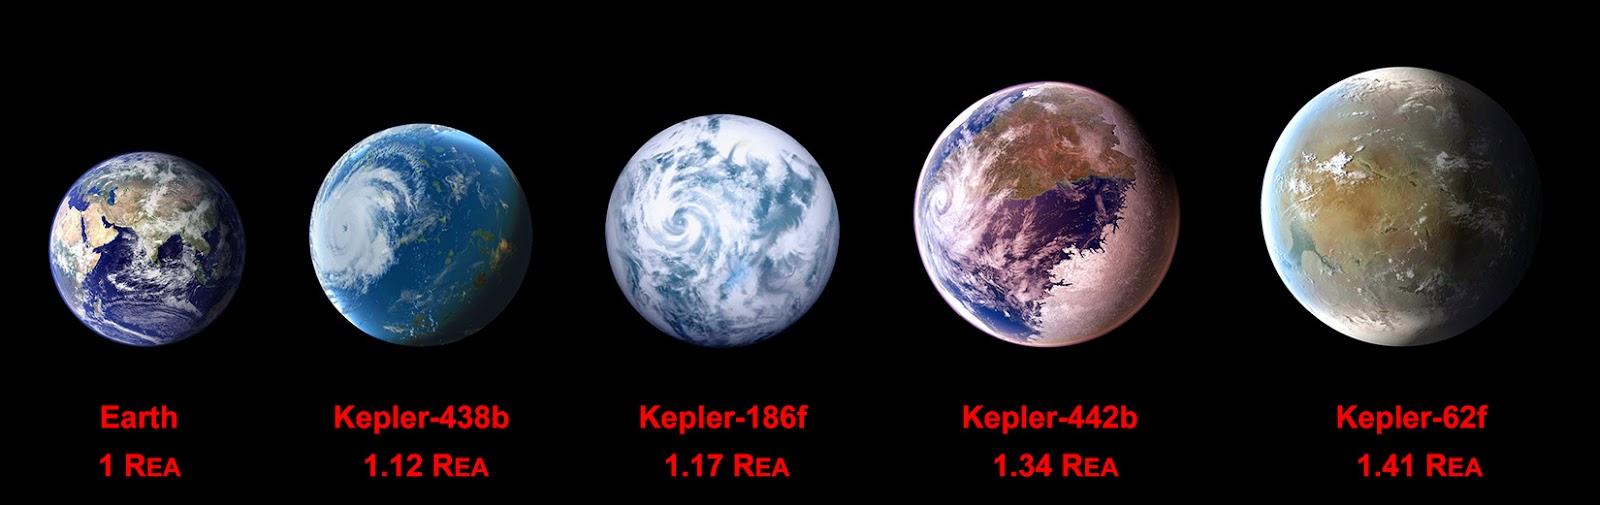 Kepler 186f - Earth Twin